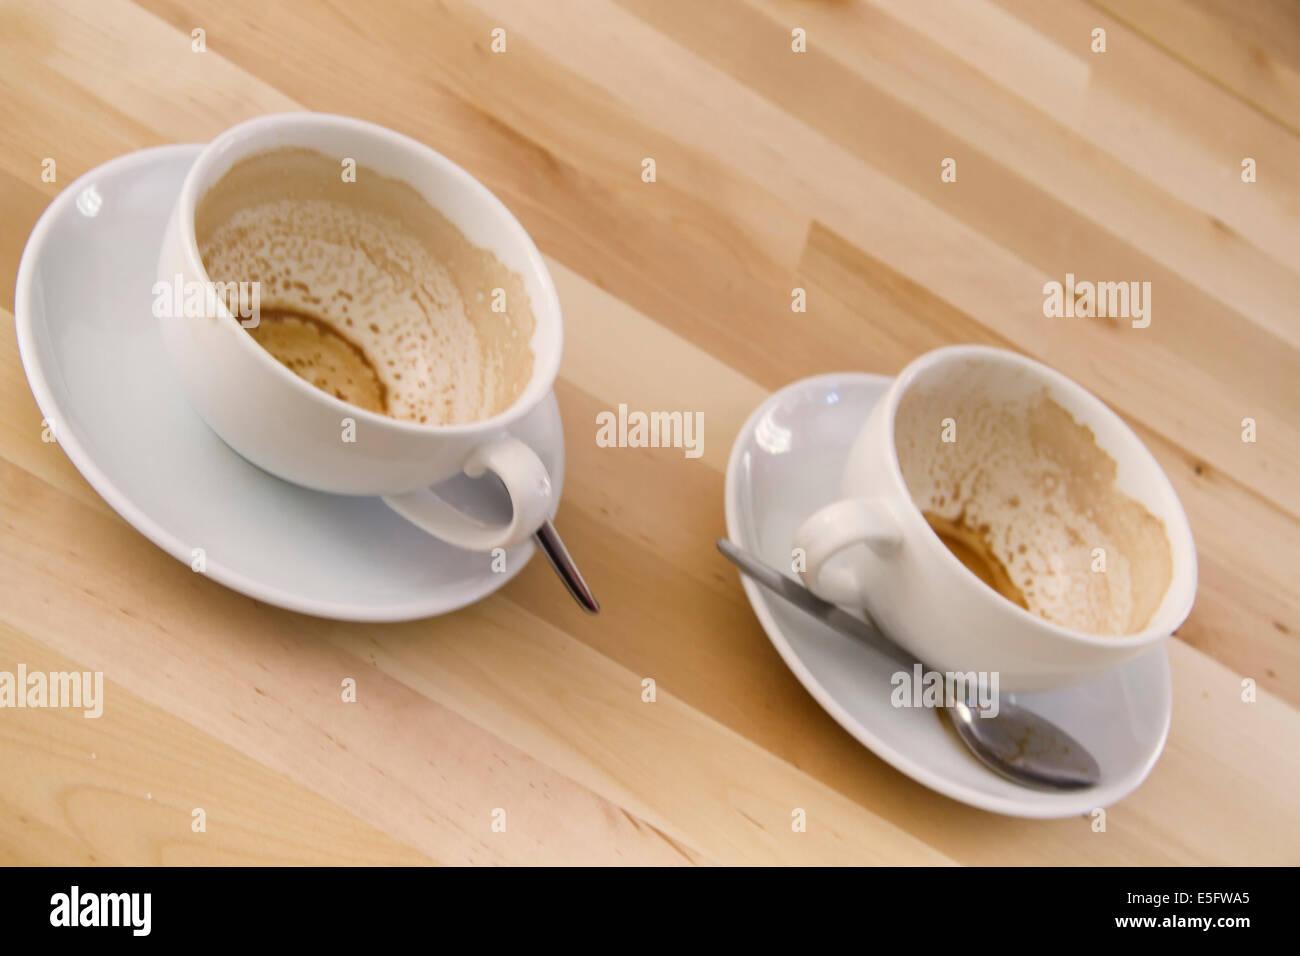 Vuoto due tazze di caffè su di un tavolo di legno foto & immagine